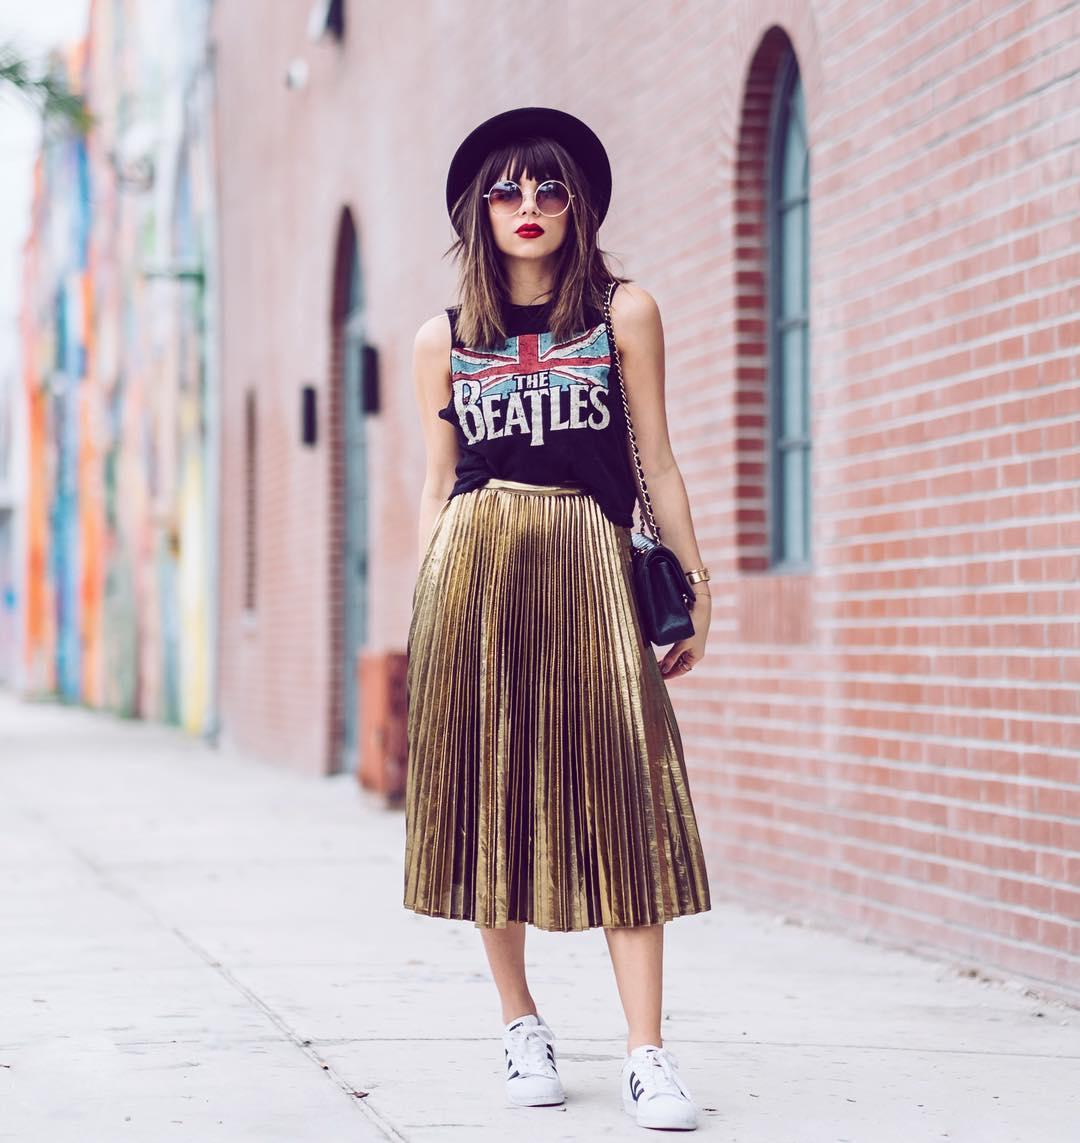 15 Increu00edbles Outfits De La Tendencia Boho Que Te Encantaru00e1n